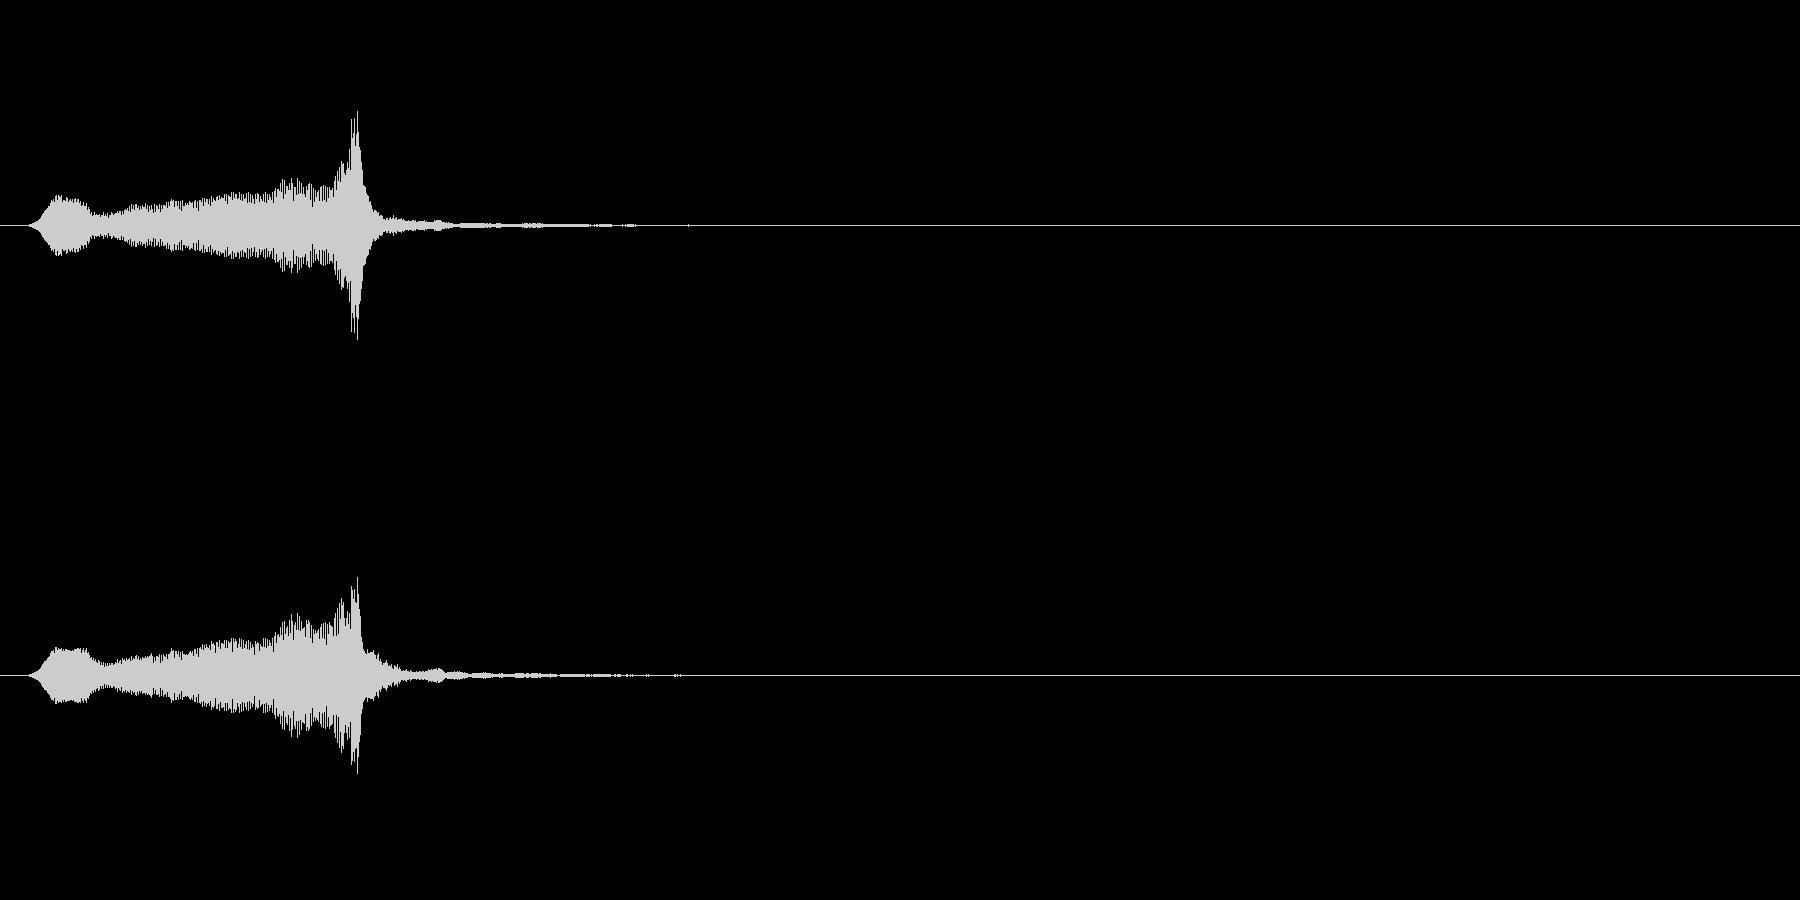 木製ダブルパイプ、ショートアクセン...の未再生の波形